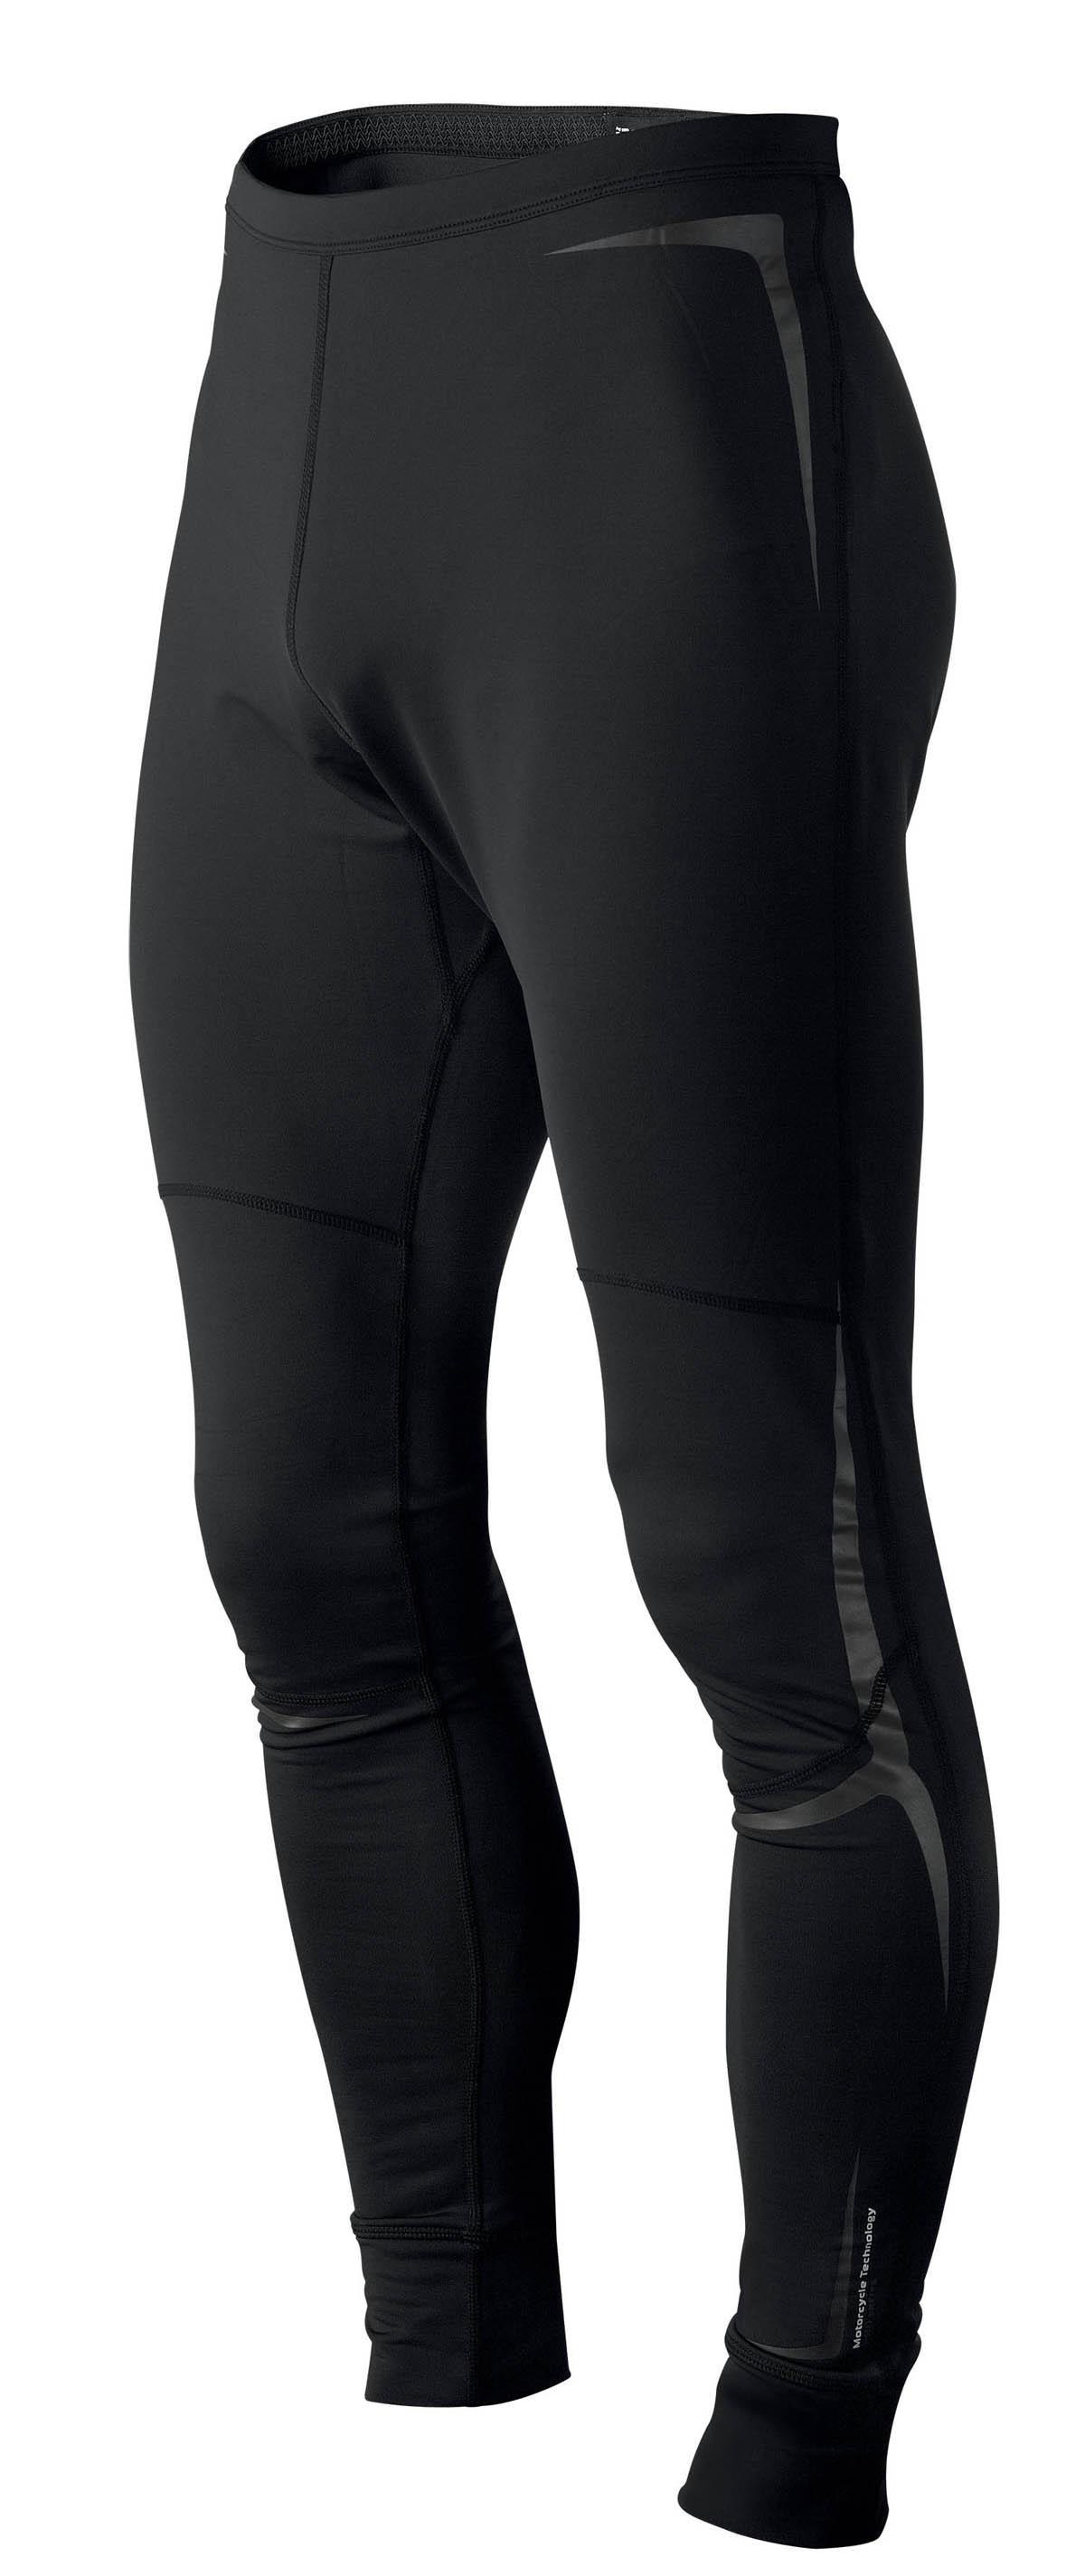 Sous-Vetement Pantalon Noir - Dane motobigstore